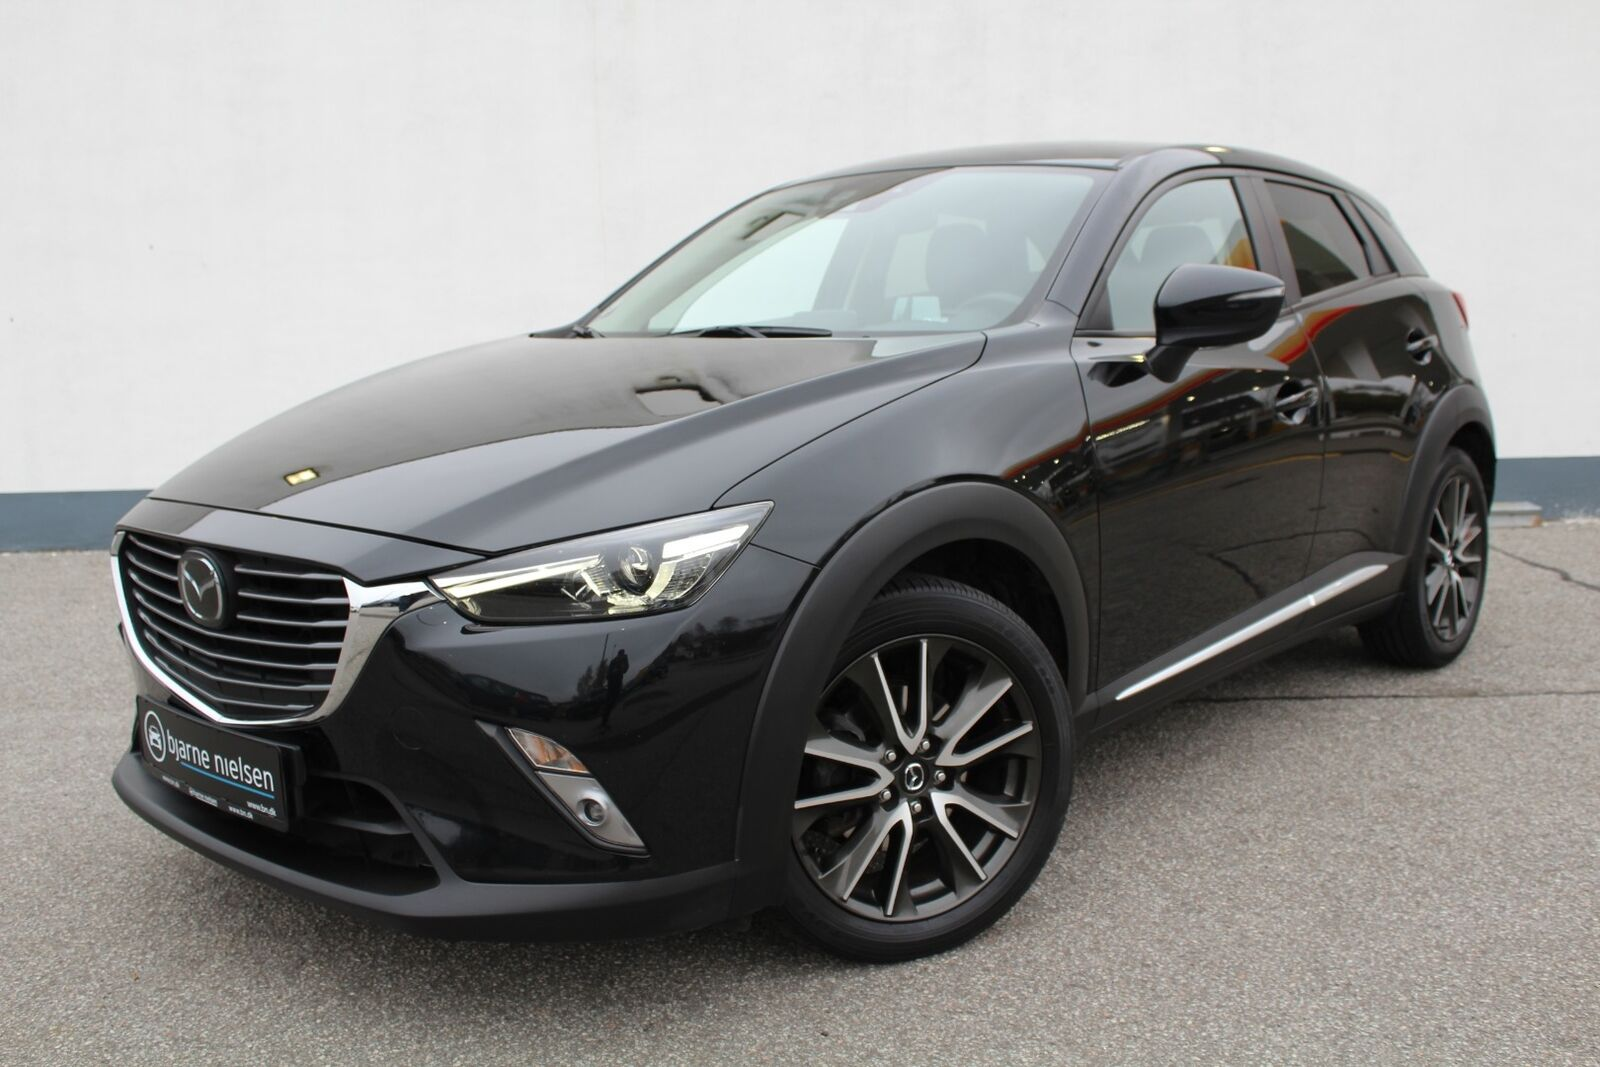 Mazda CX-3 2,0 Sky-G 120 Optimum